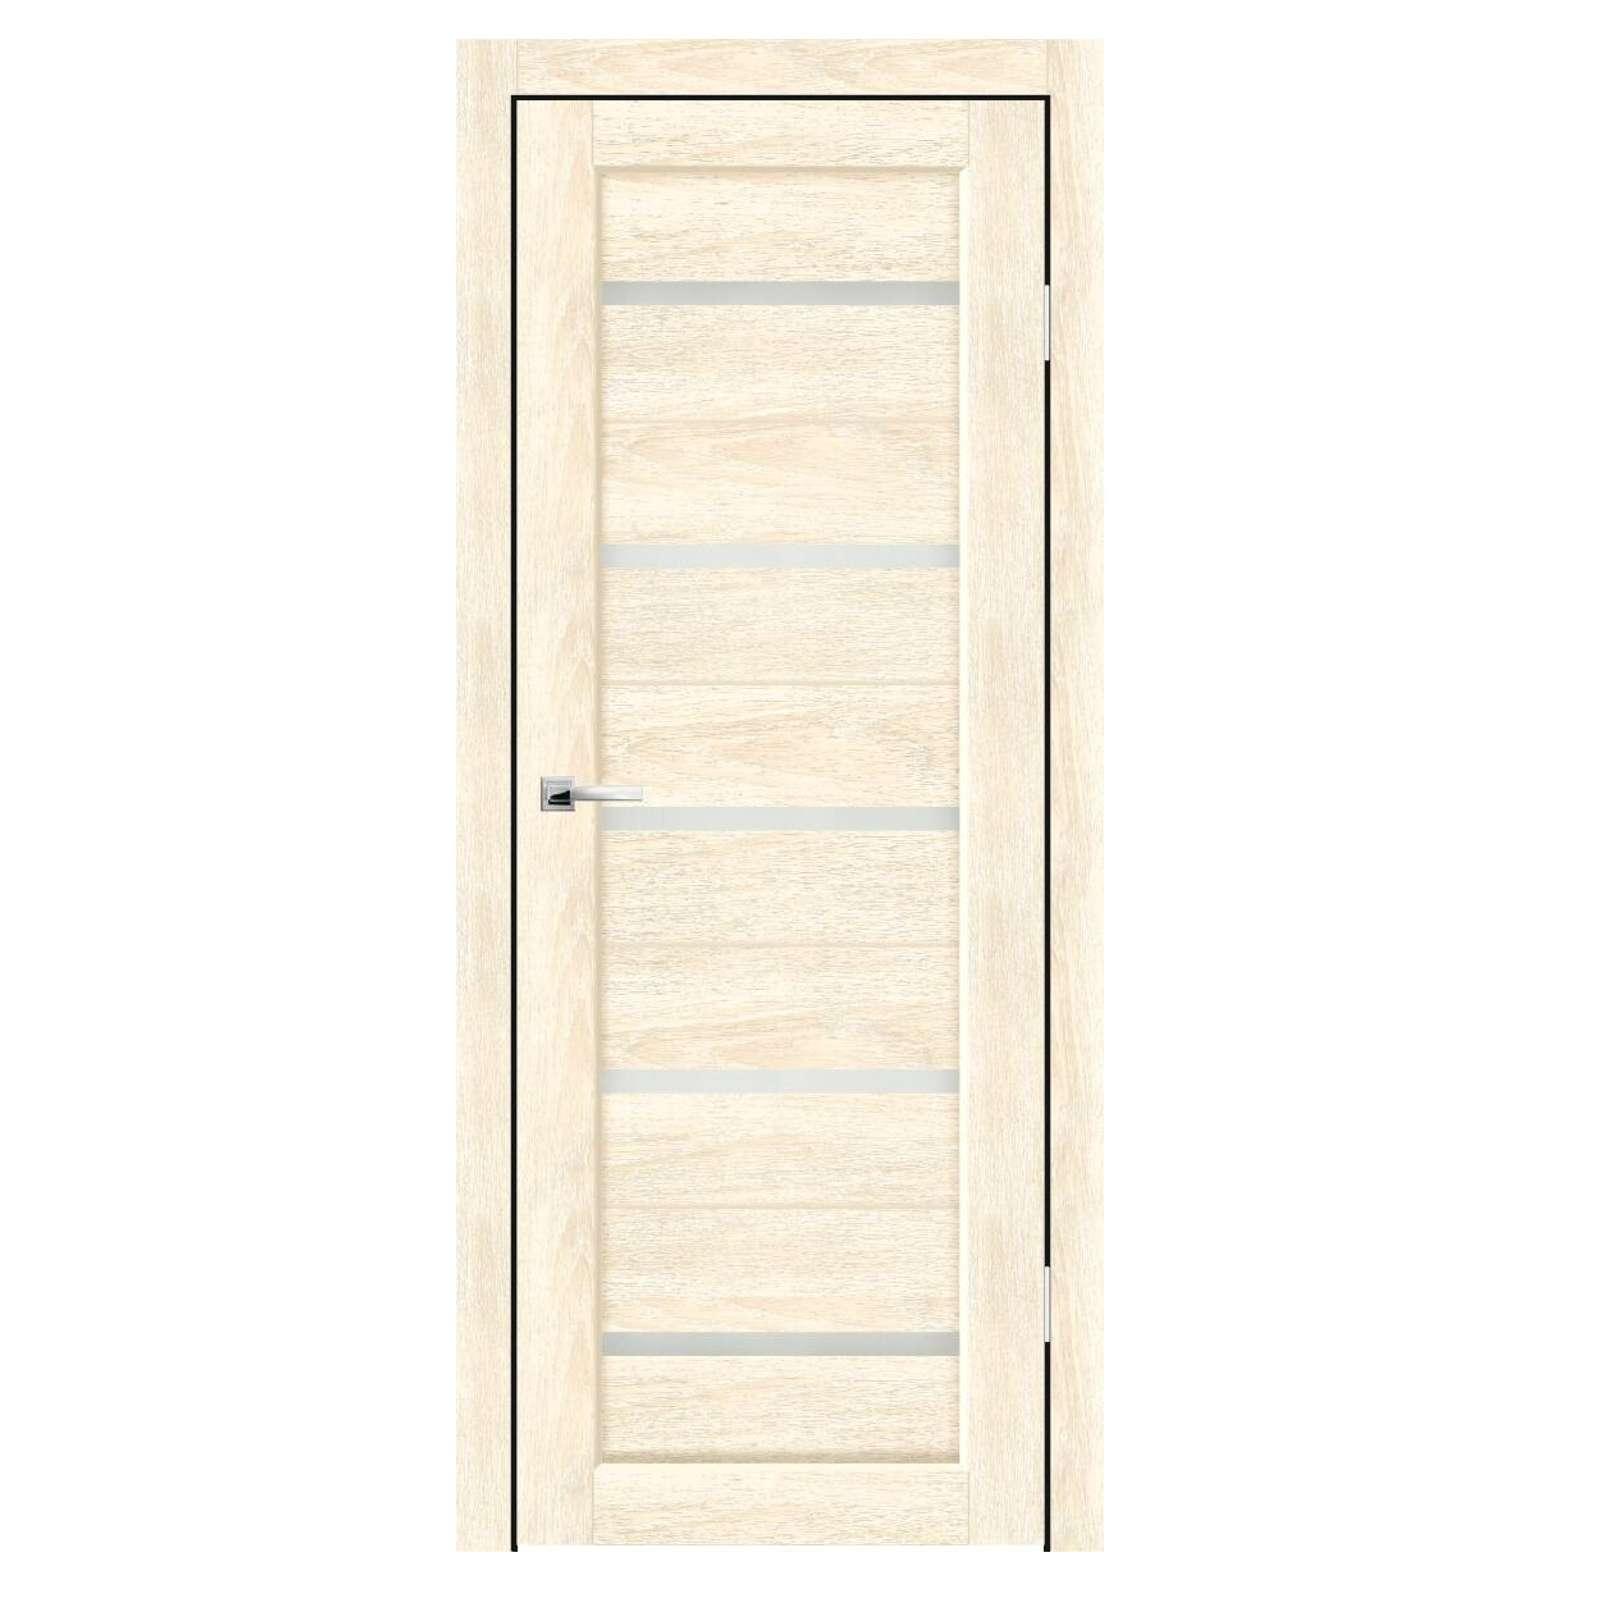 Дверное полотно Синержи Бьянка, Ваниль, ПДО 700Х2000ММ